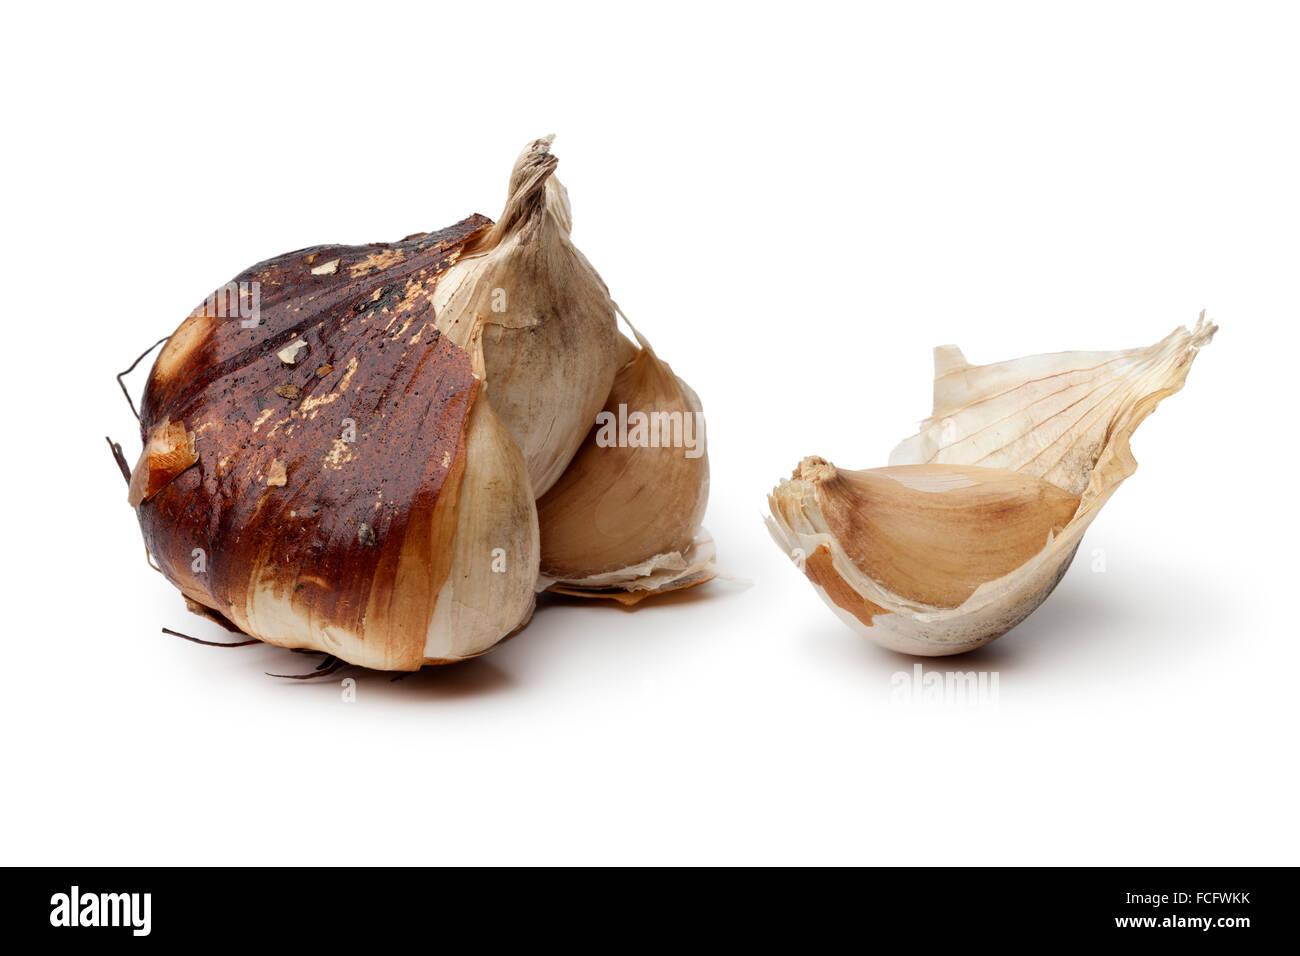 Smoked garlic bulb on white background - Stock Image